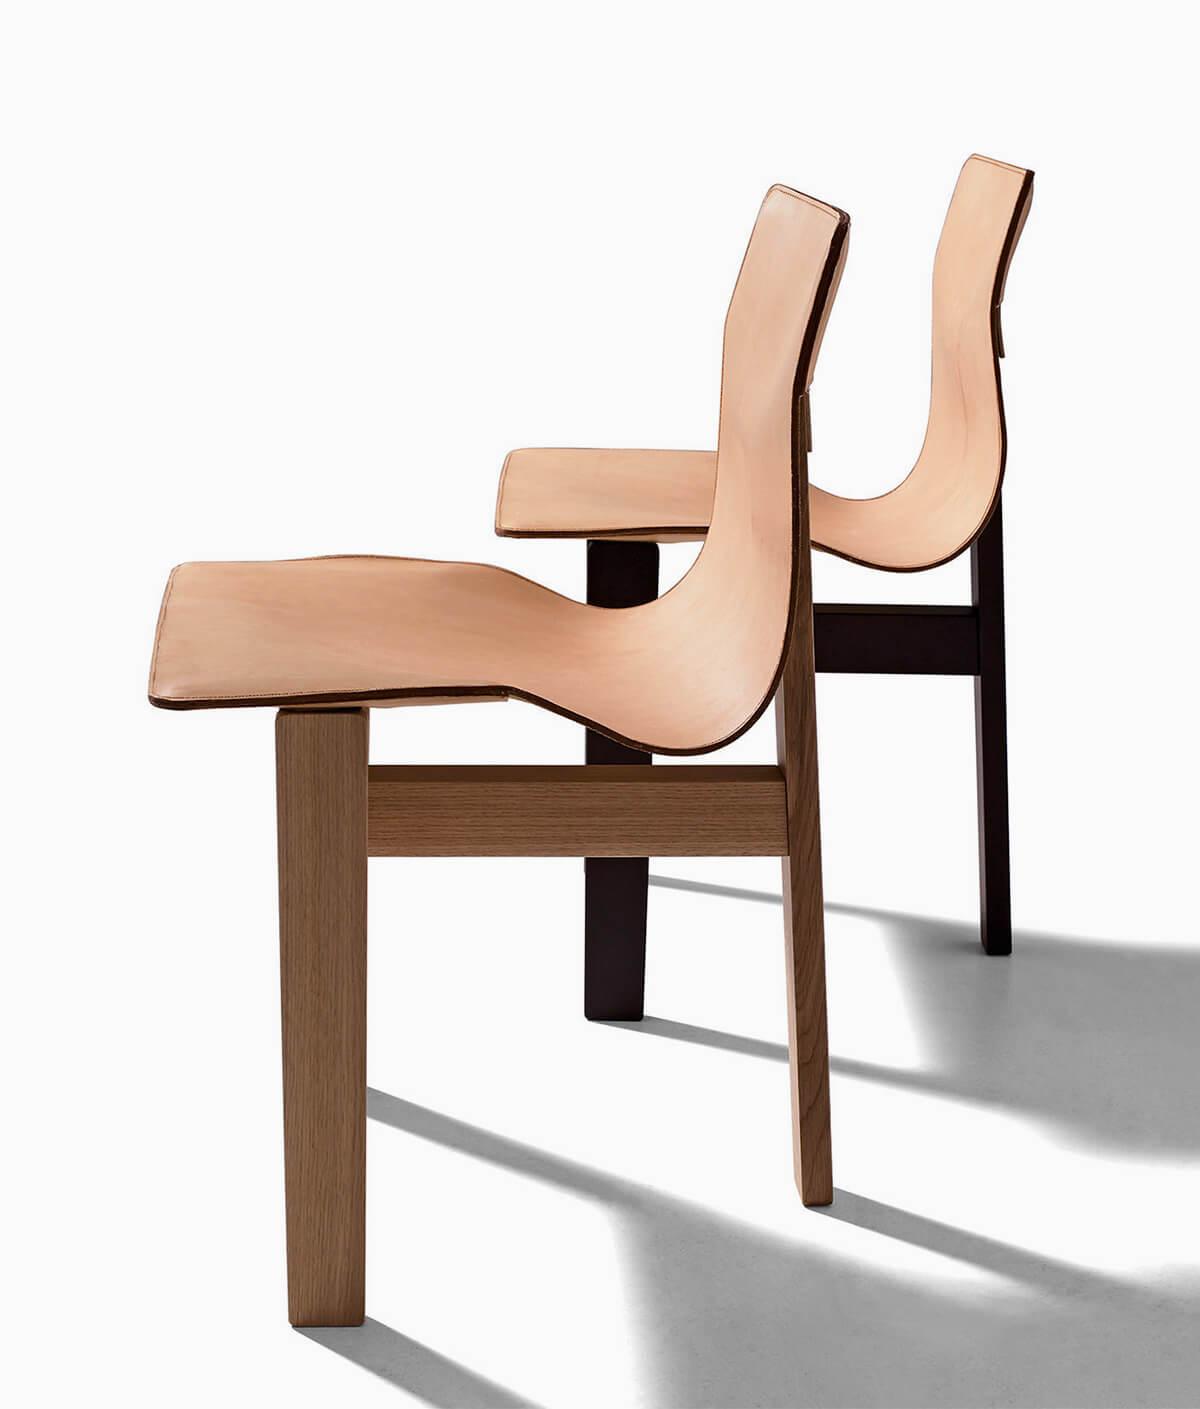 TinnappleMetz-agapecase-mangiarotti-Tre-3-Chair-02